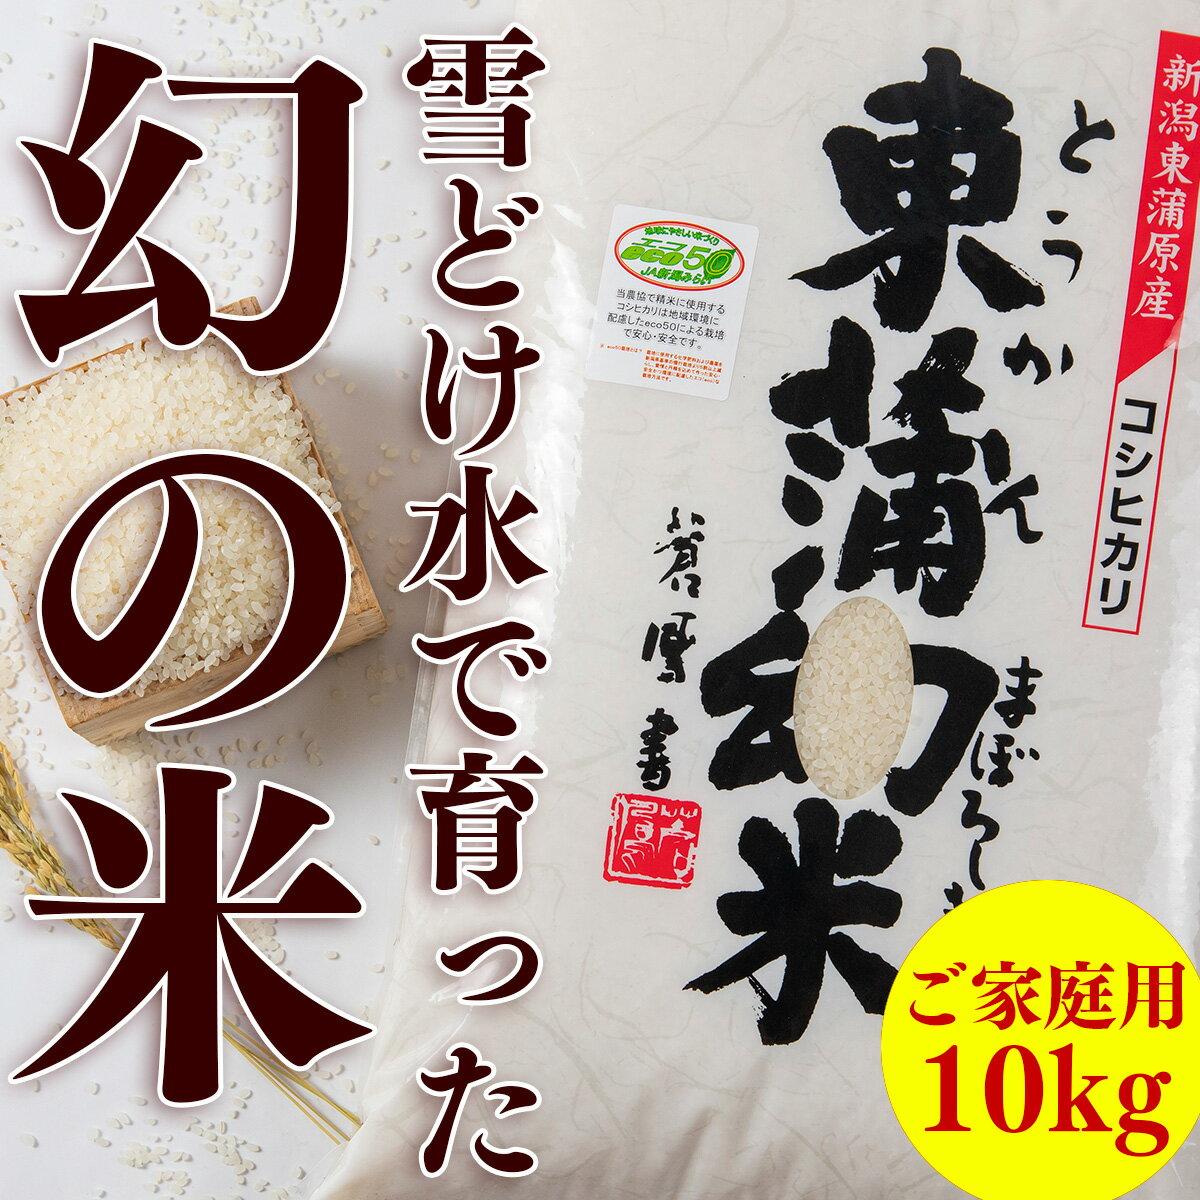 【ふるさと納税】特別栽培コシヒカリ新米 化学肥料・農薬50%削減の『東蒲幻米』(ご家庭用)10kg